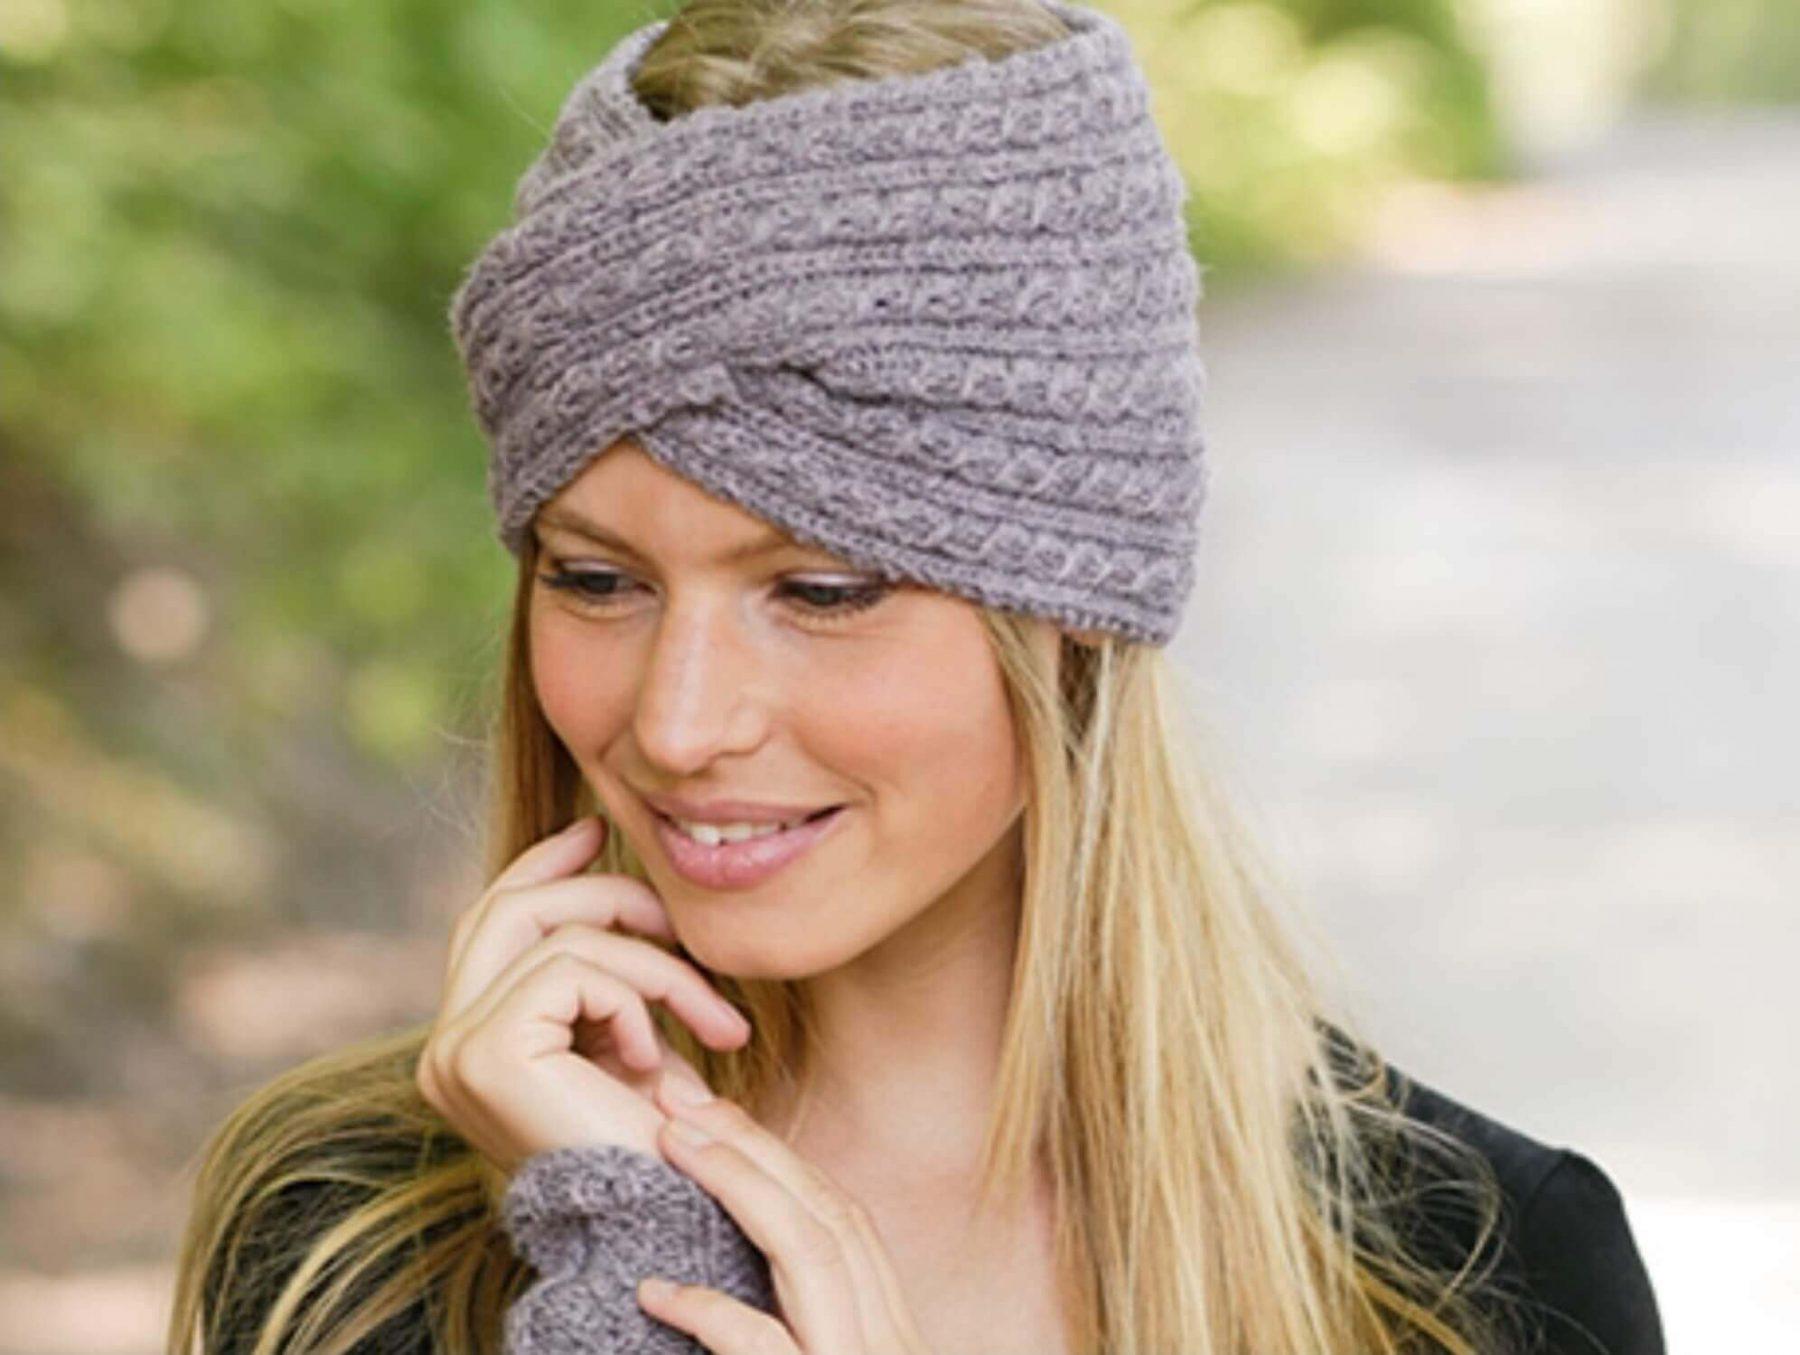 вязание повязок на голову крючком для девочек схемы Prakard